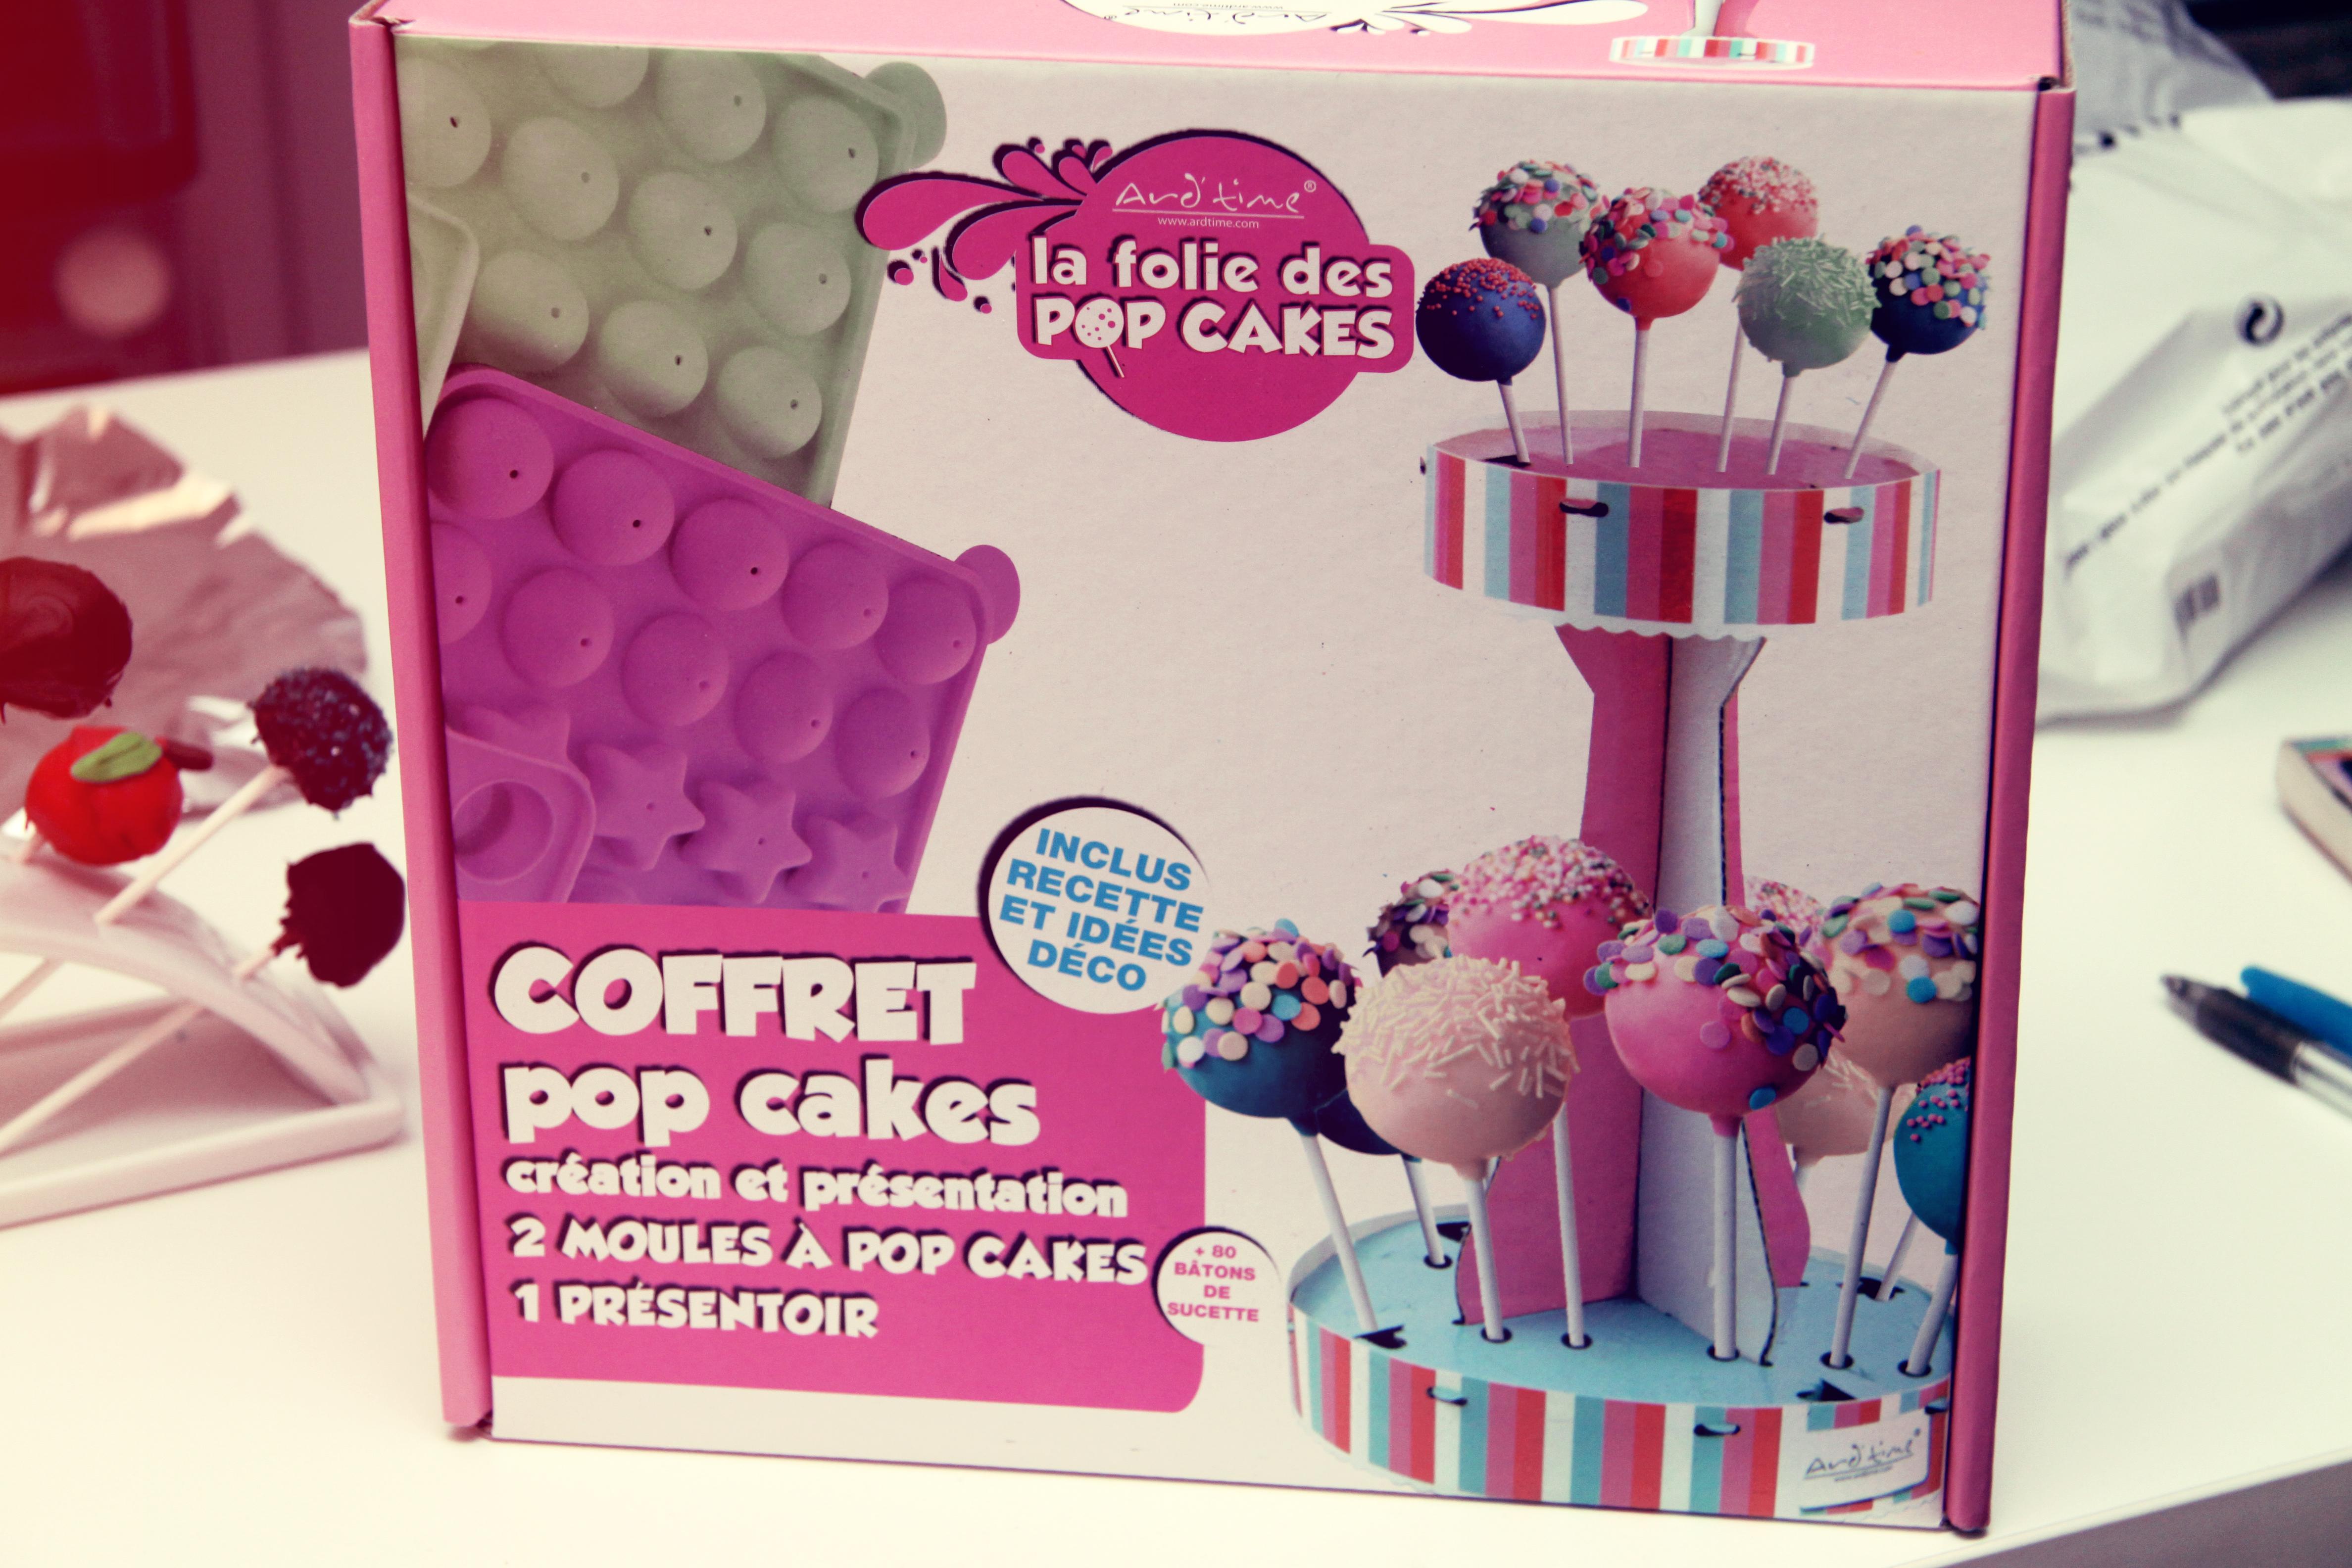 Cake Pop Alice Delice